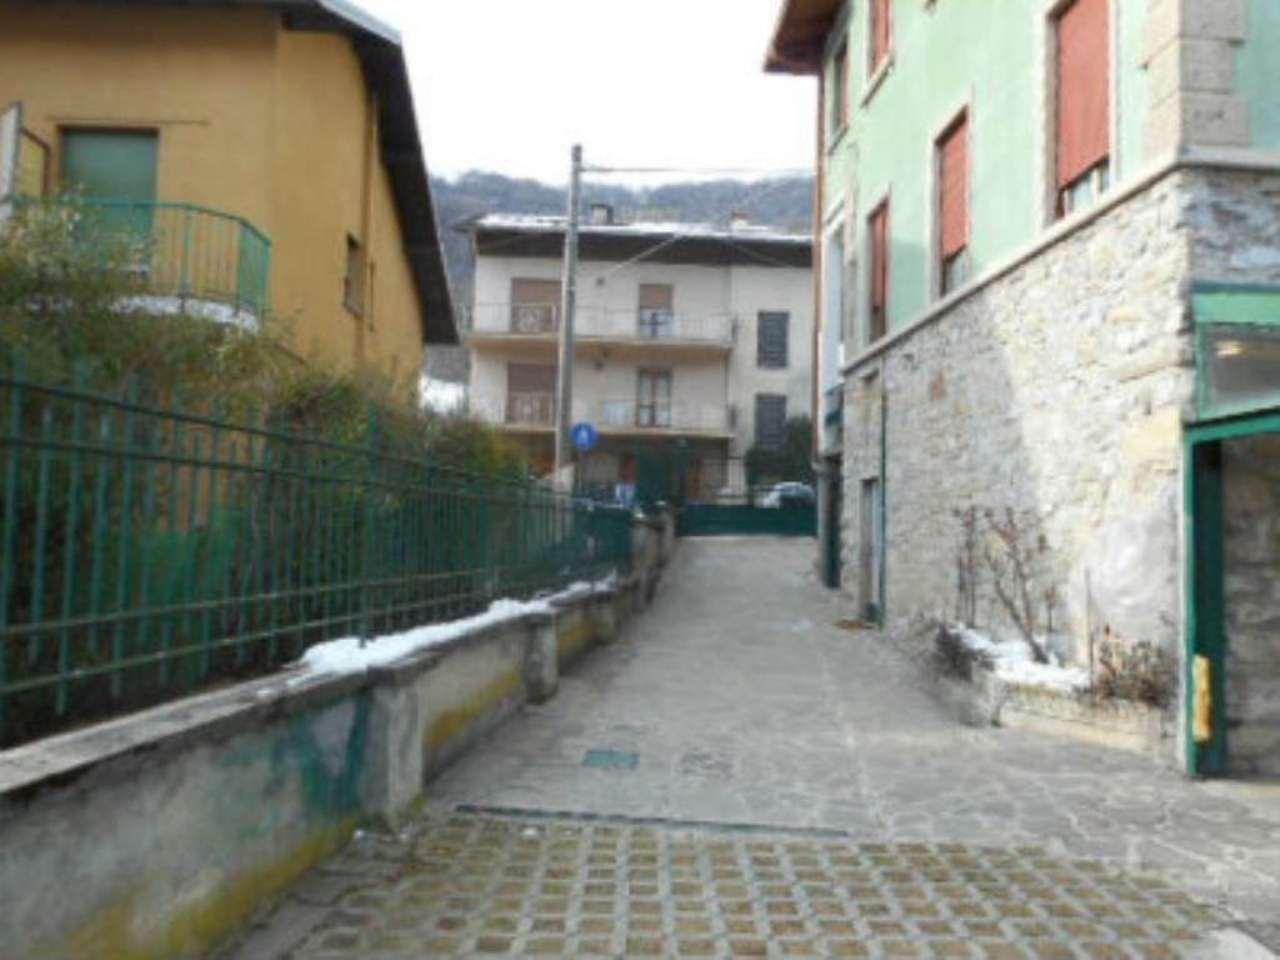 Soluzione Indipendente in vendita a Pasturo, 9999 locali, Trattative riservate | Cambio Casa.it